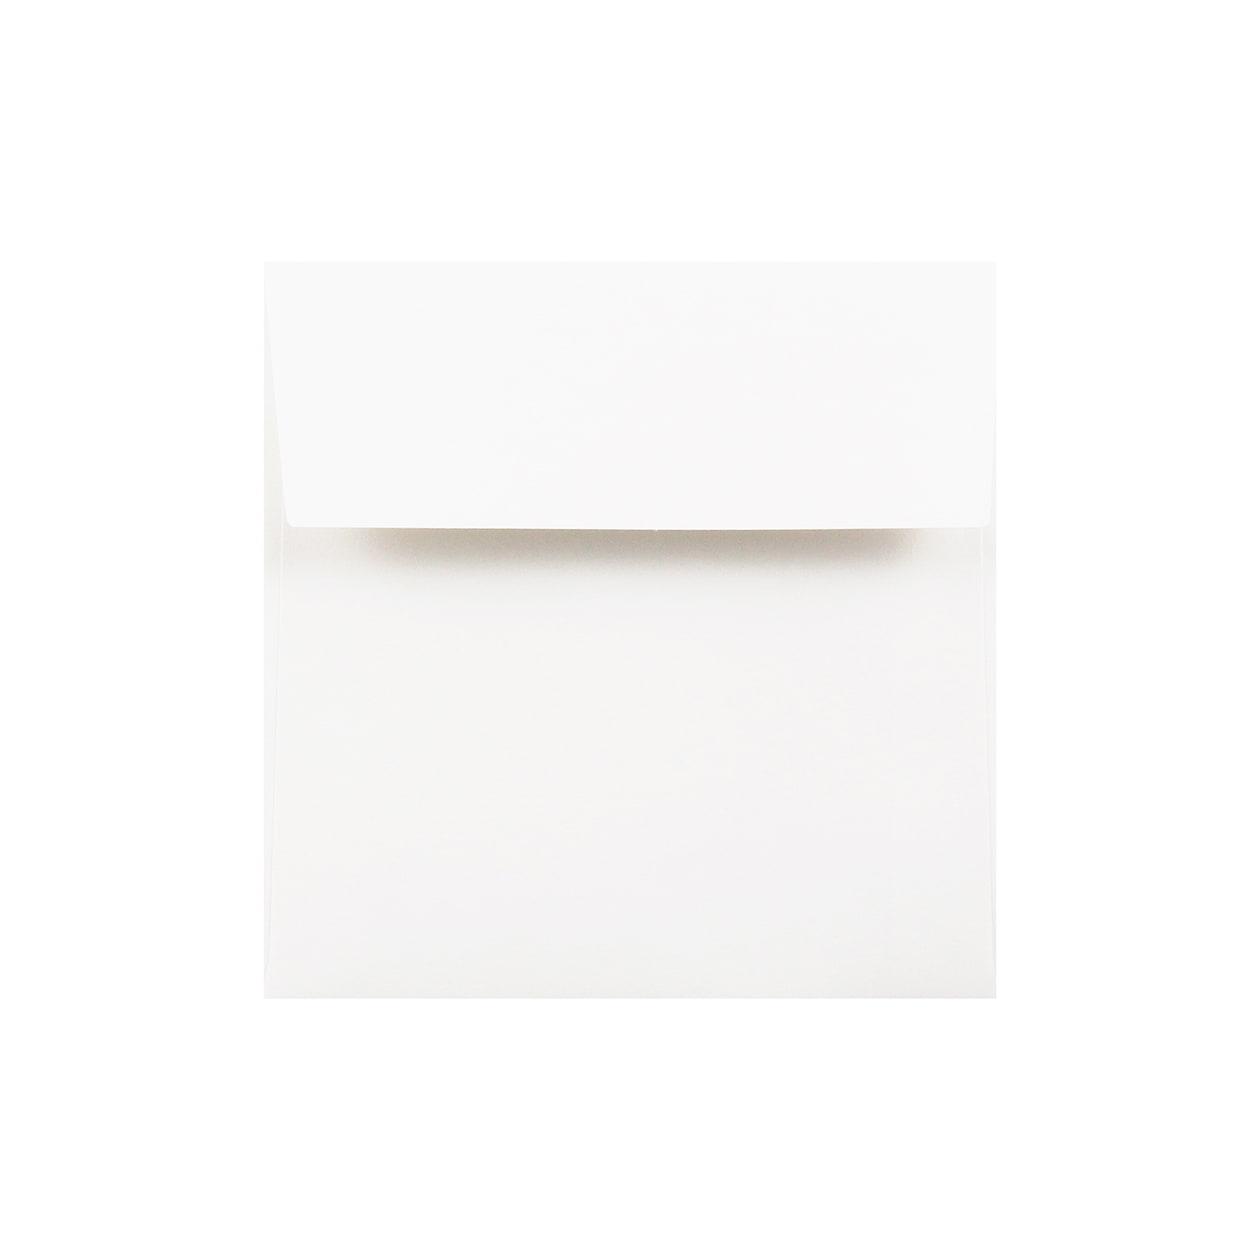 SE16カマス封筒 HAGURUMA Basic プレインホワイト 100g